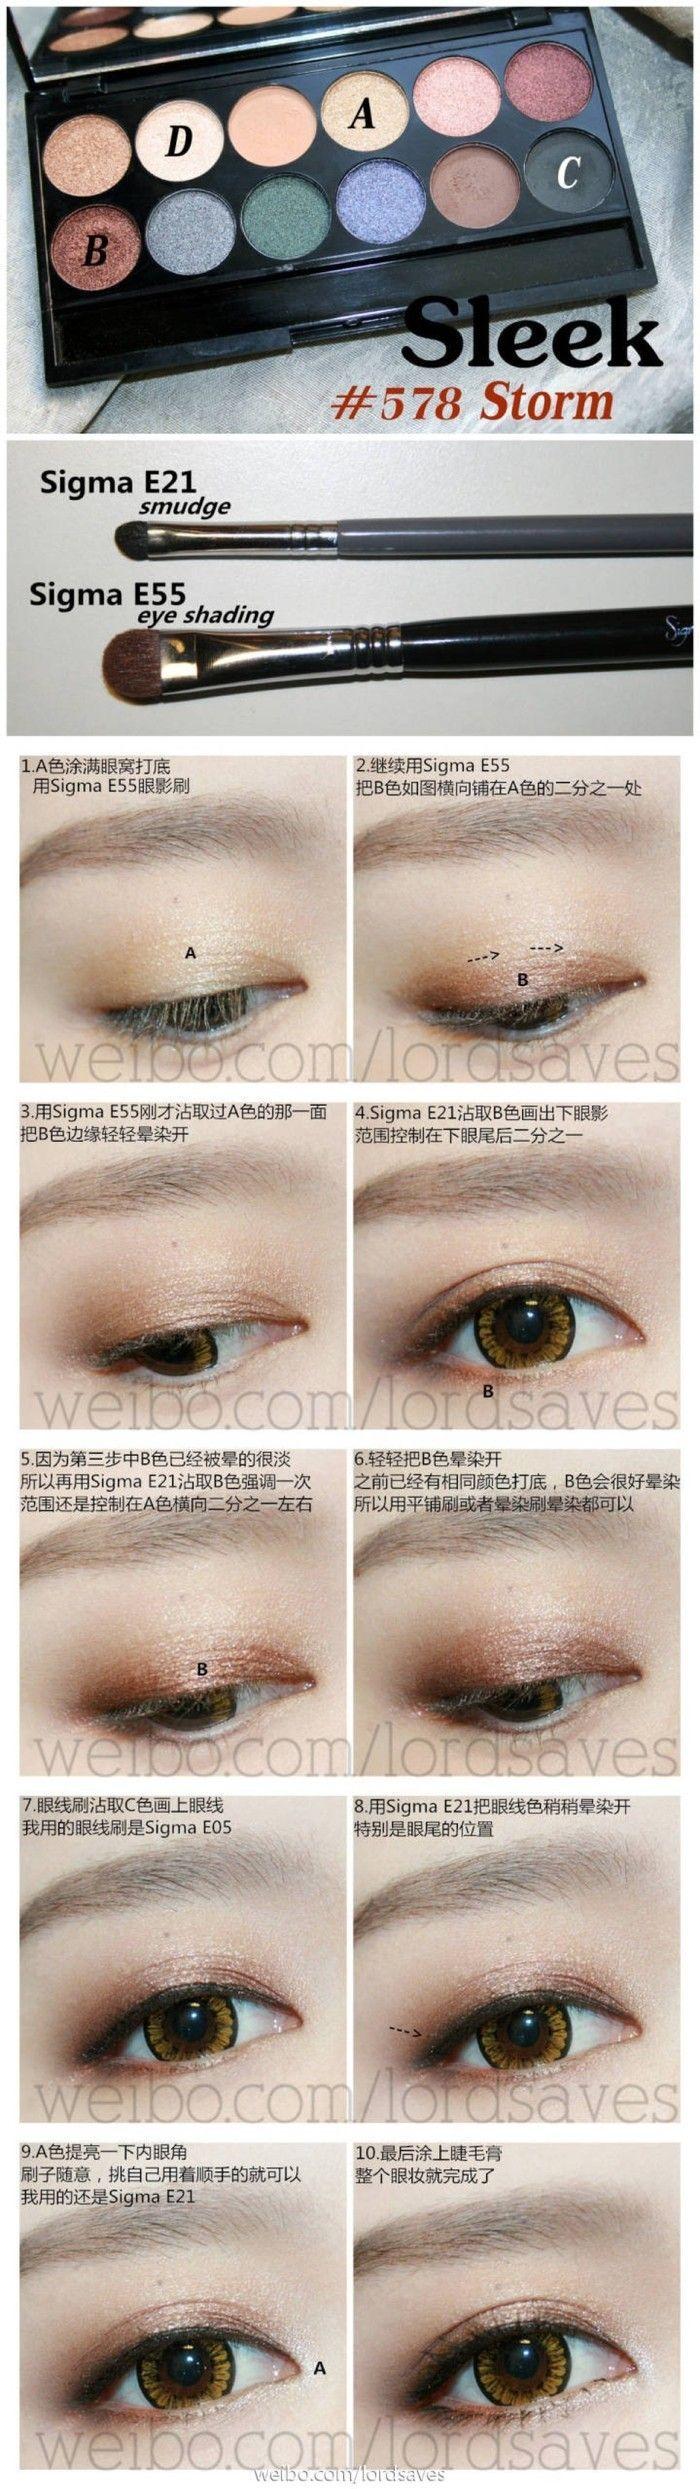 asian makeup tutorial, sleek storm eyeshadow palette tutorial, korean style make...